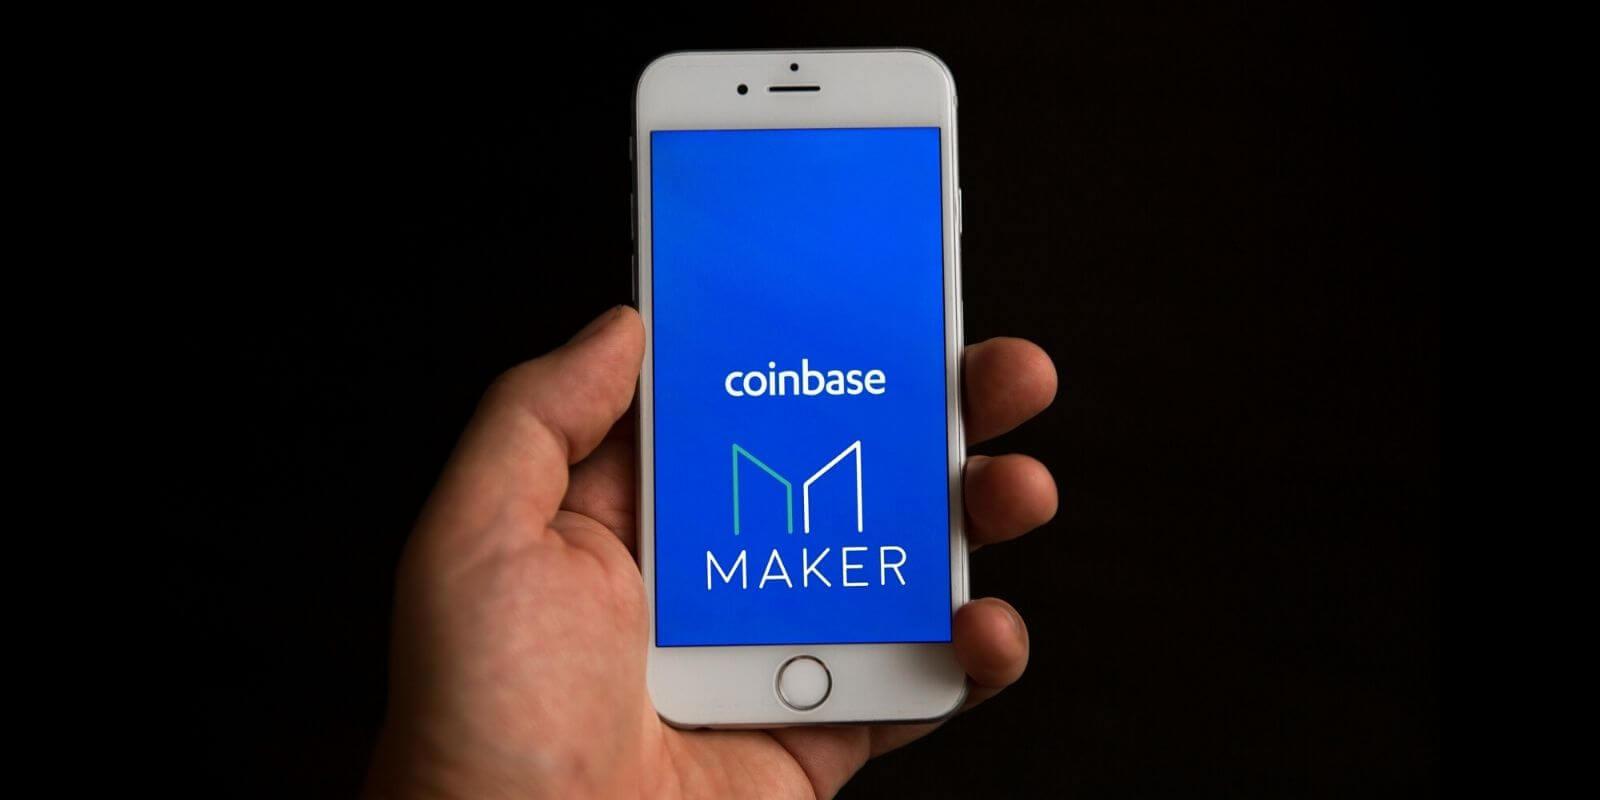 Coinbase ajoute le Maker (MKR): quelles conséquences pour son prix?